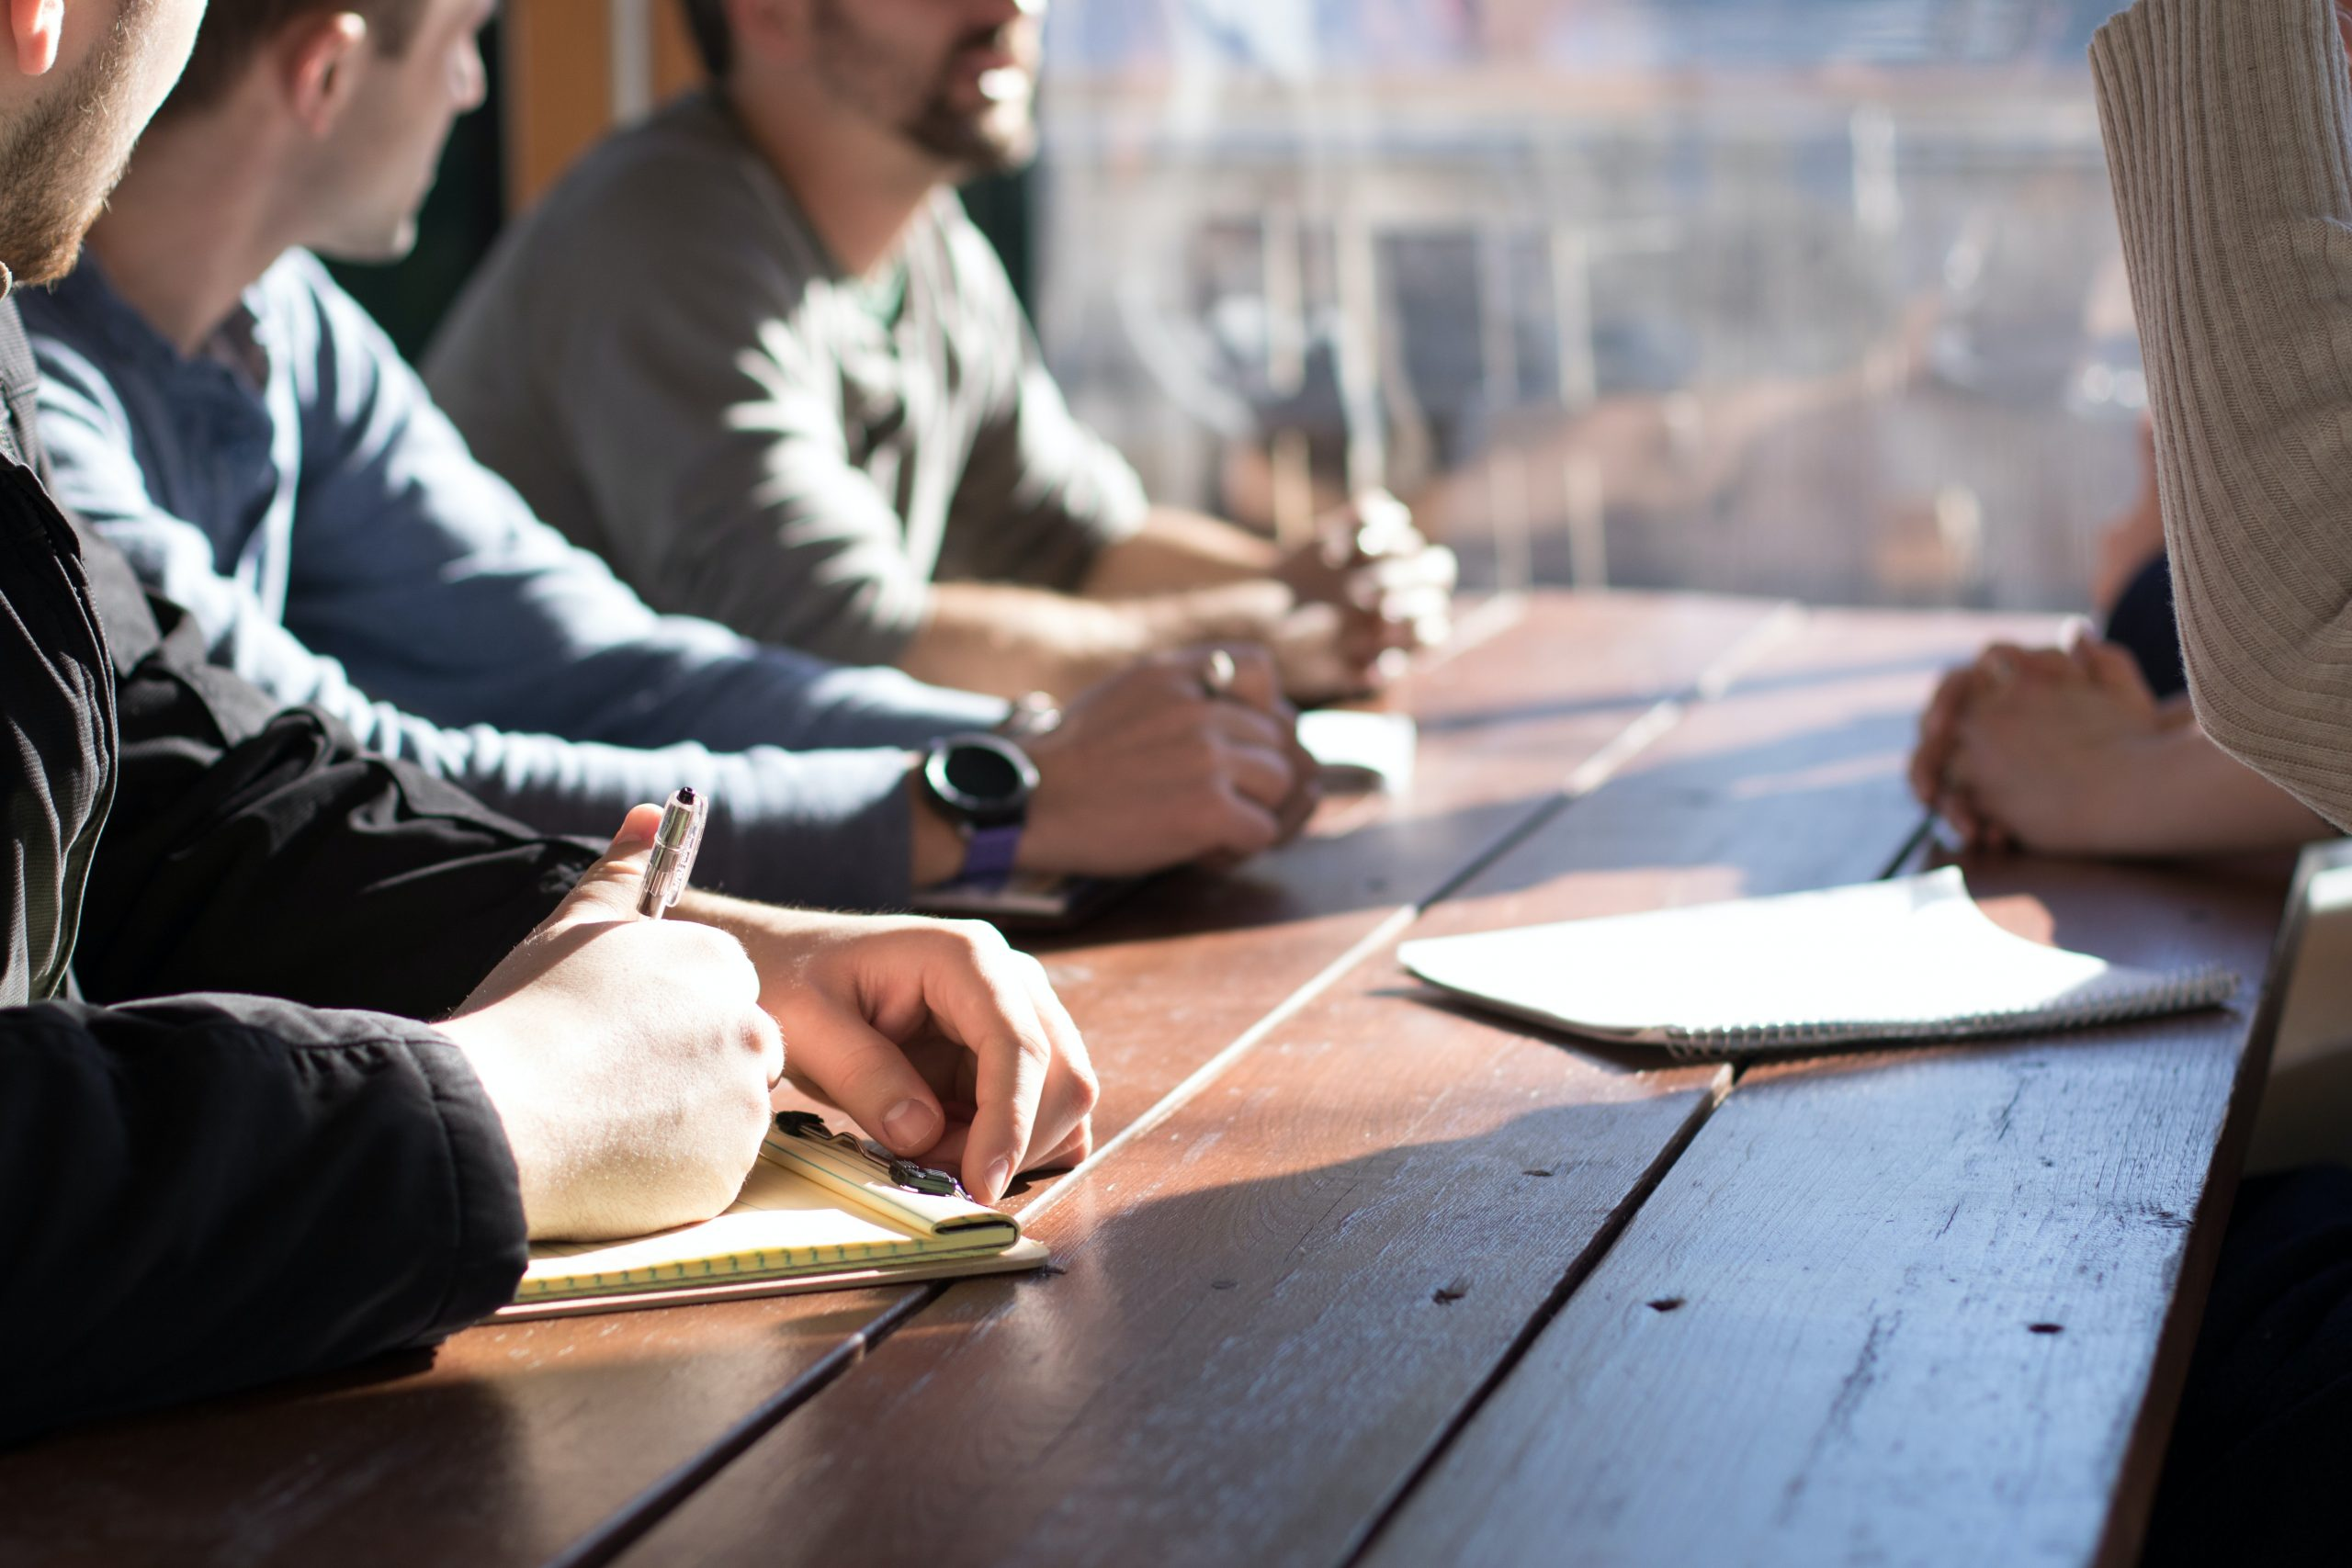 Mennesker ved et bord – kdylan-gillis-KdeqA3aTnBY-unsplash skal kreditteres